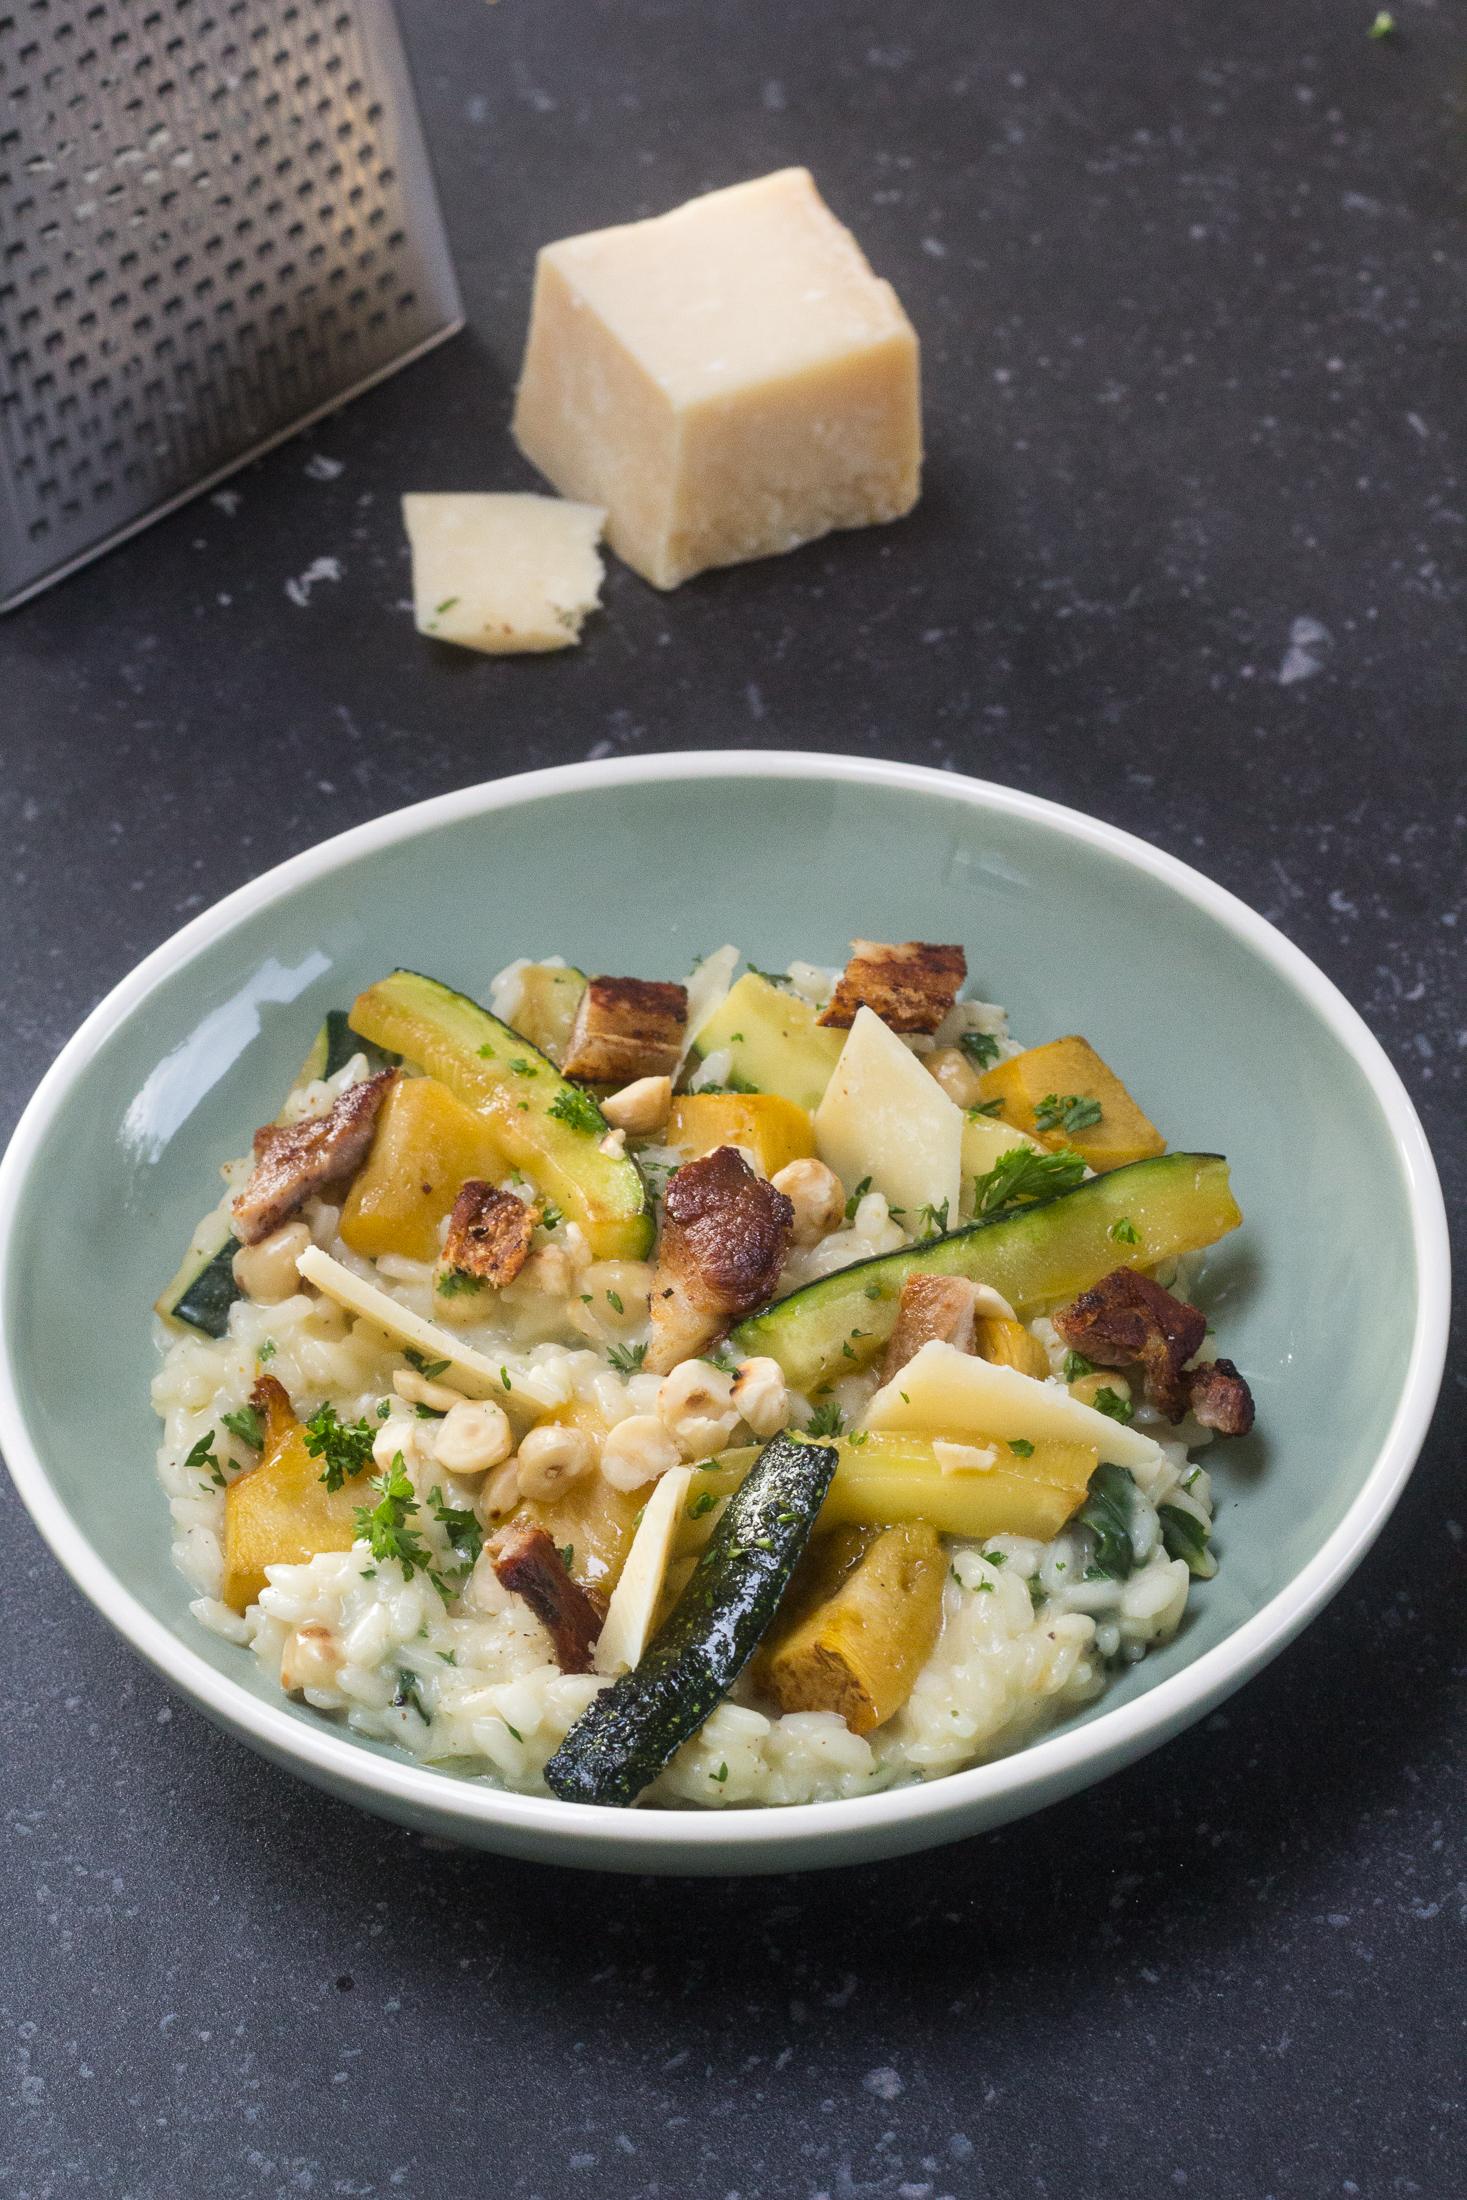 pompoenrisotto met spek en hazelnoot